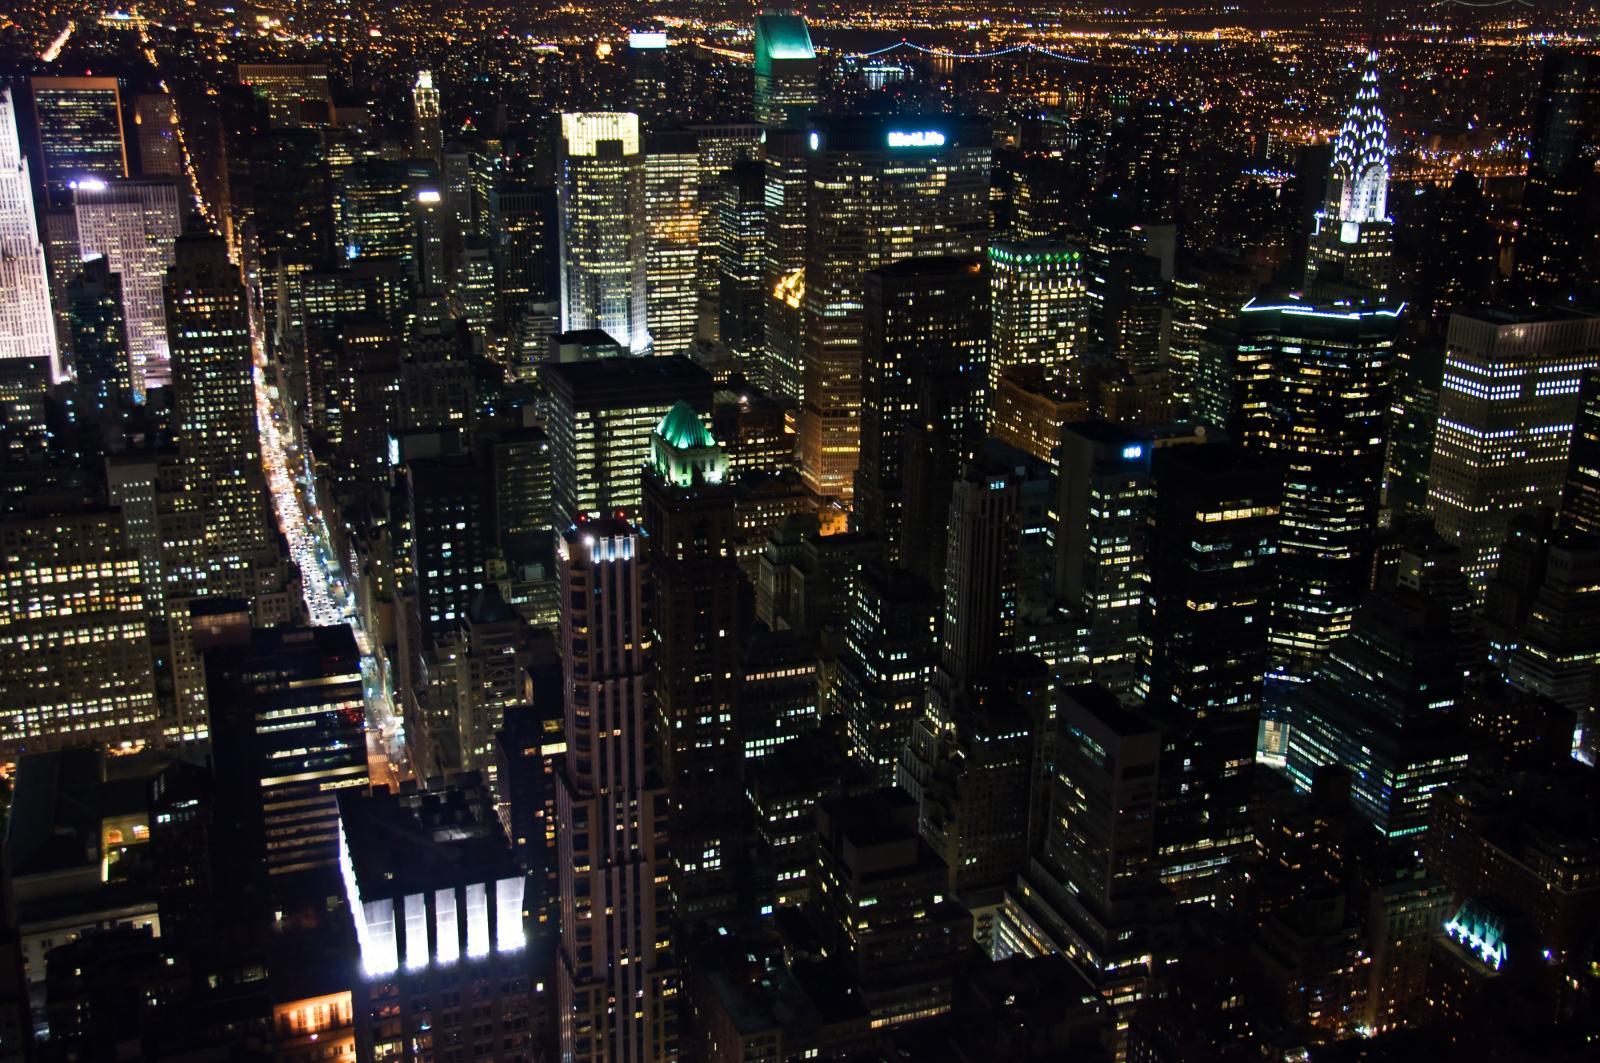 Vista desde el mirador del Empire State Building